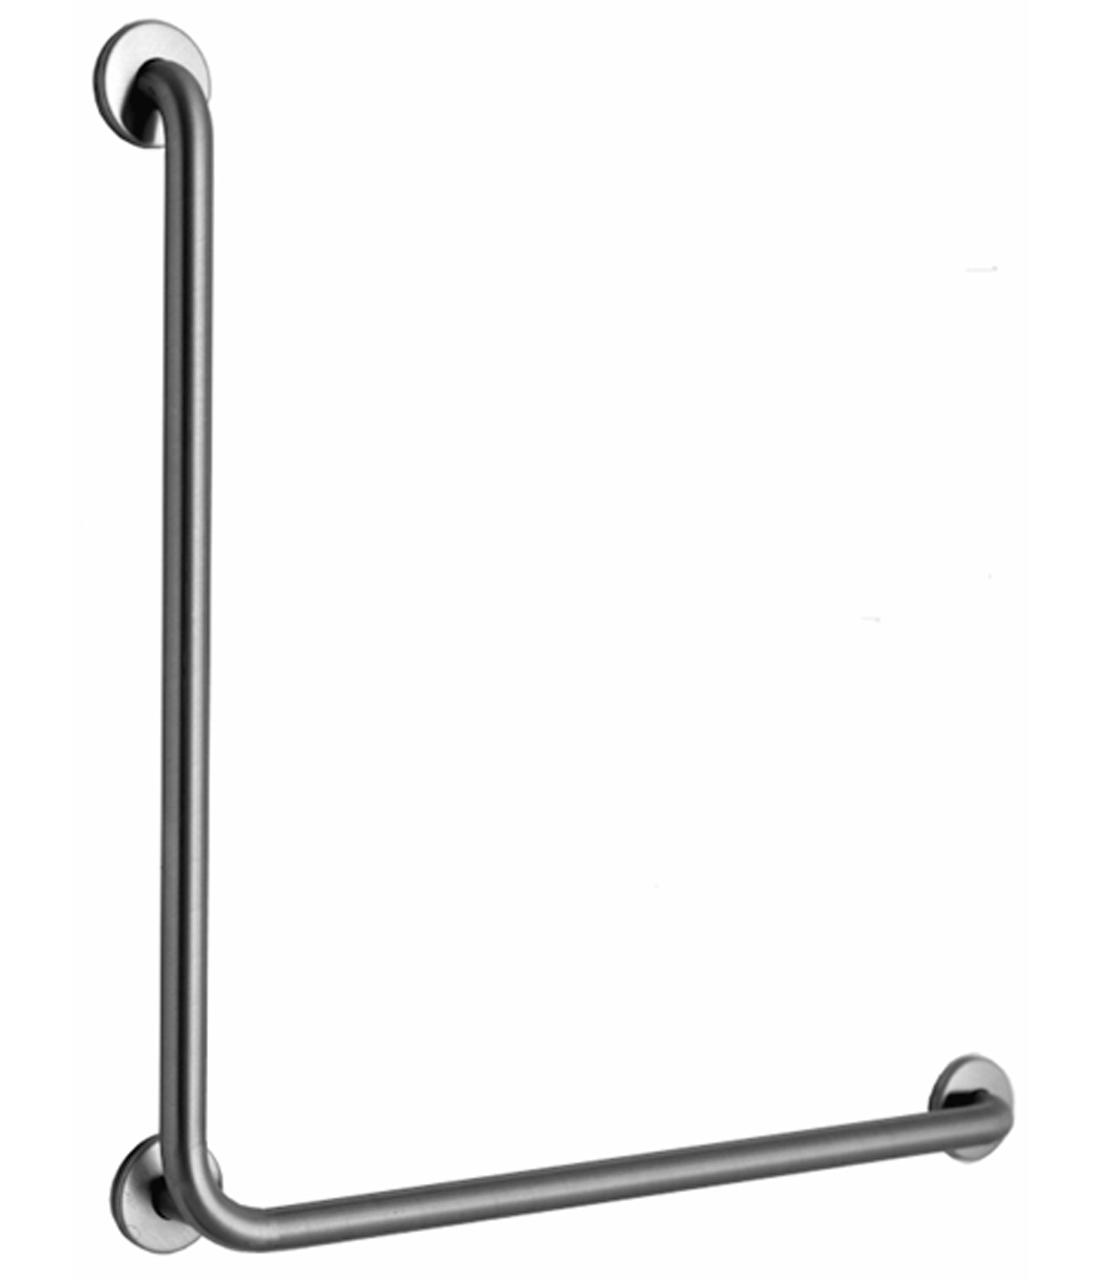 Bobrick Grab Bar | Safety Grip ADA Bathroom Grab Bar | Model B ...